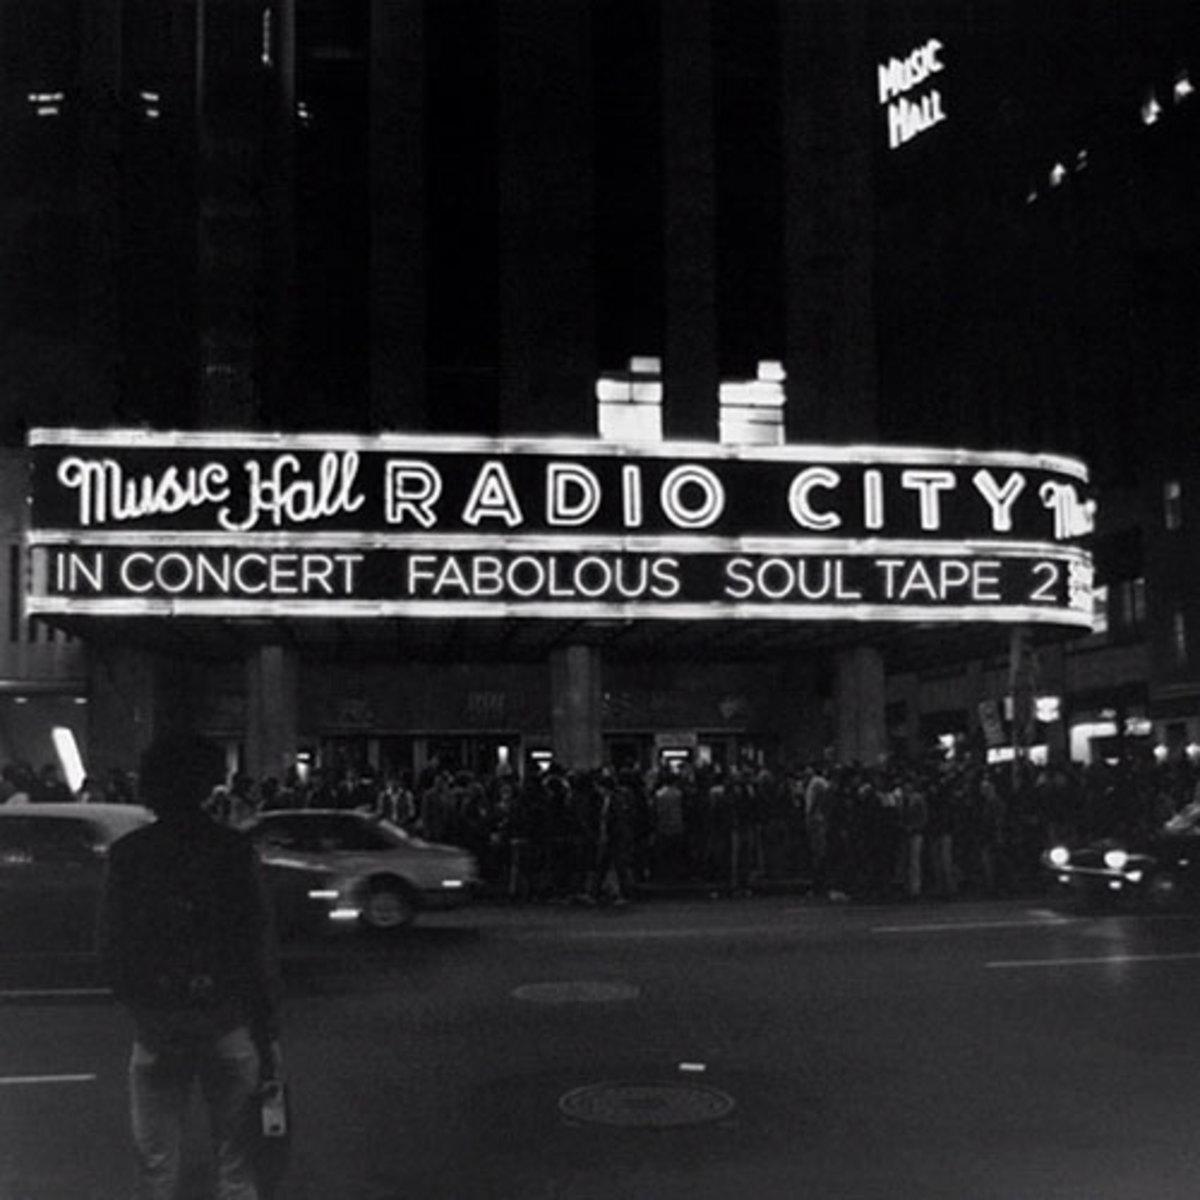 fabolous-soultape2.jpg